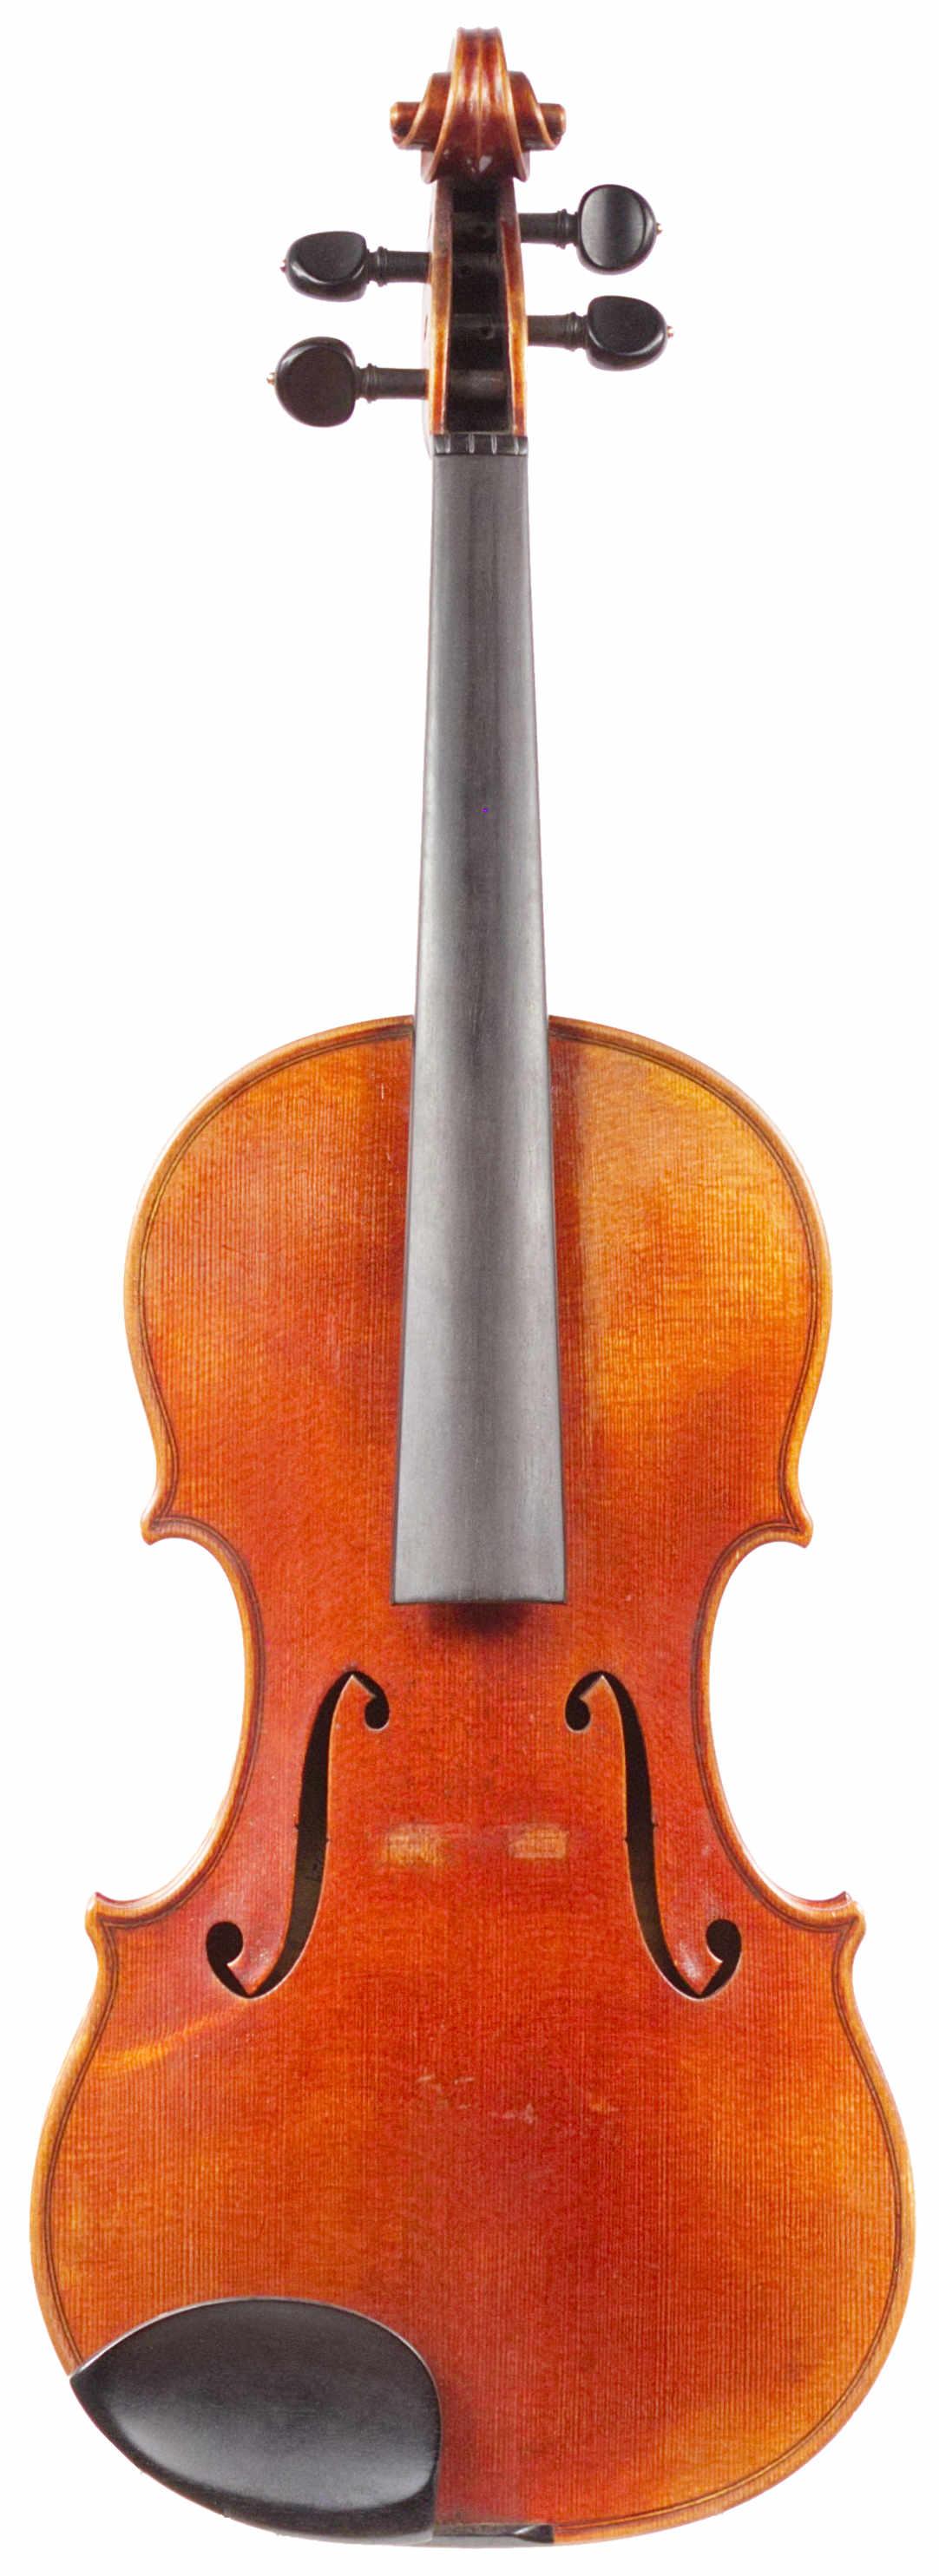 Roth violin